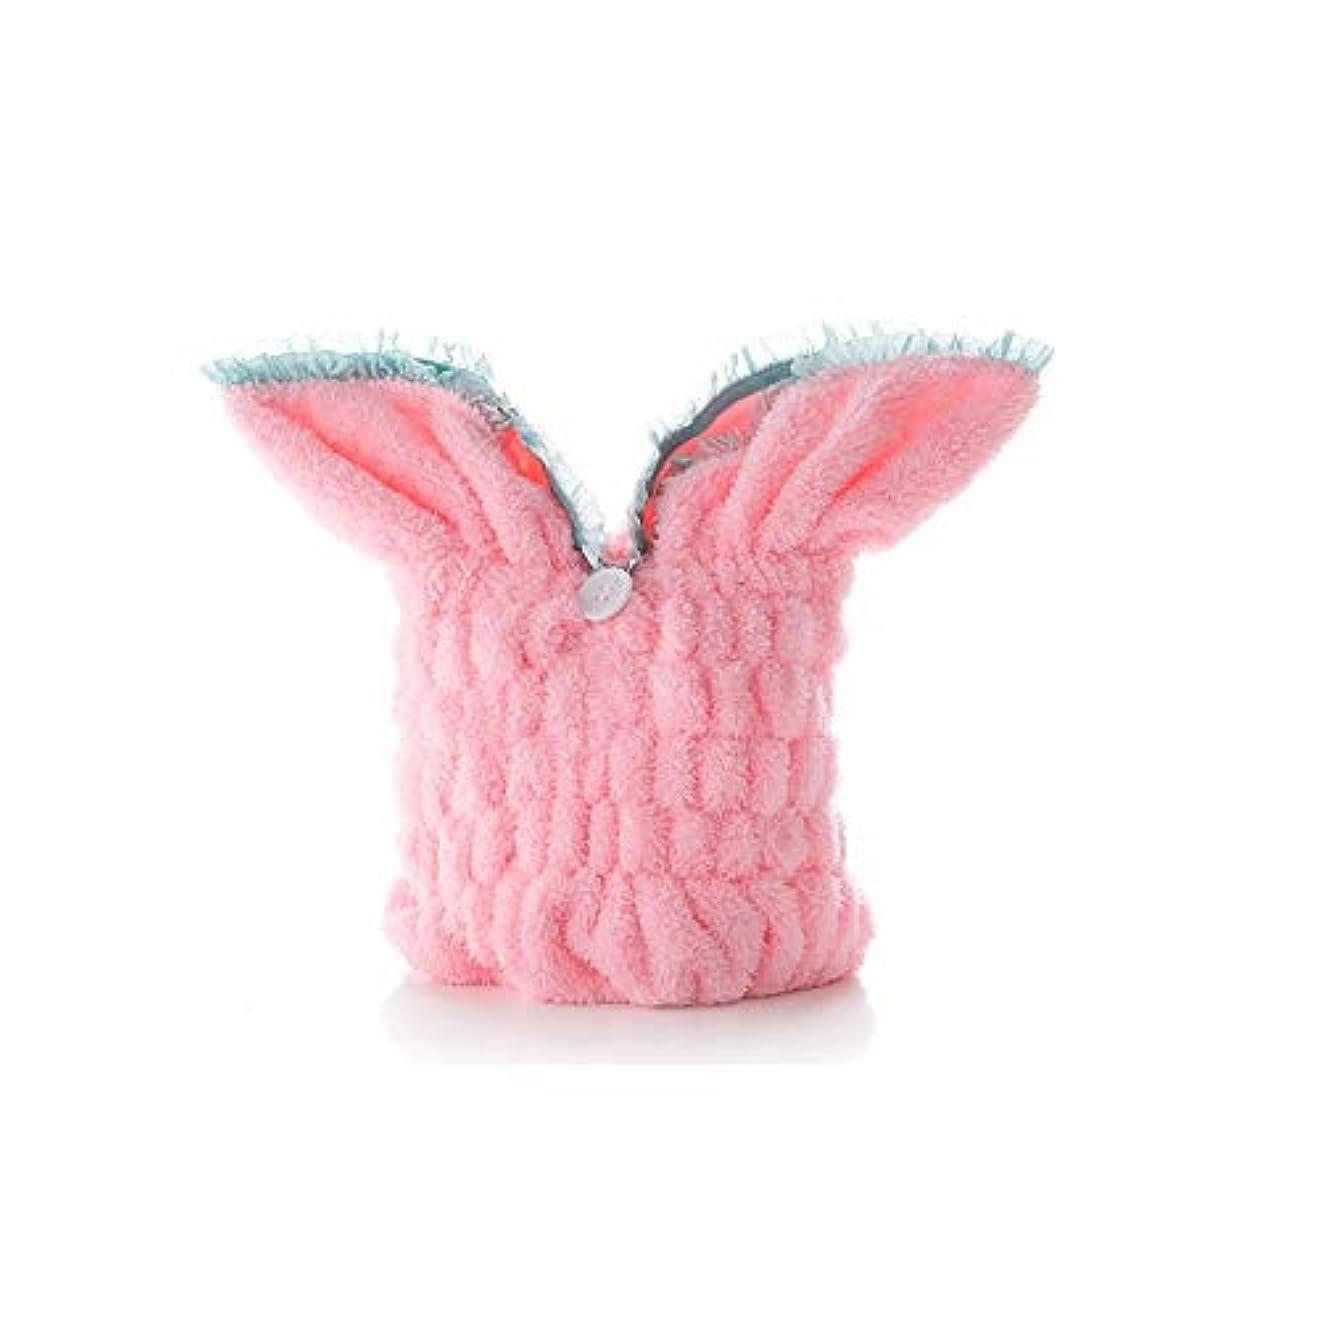 書き込み平衡バーベキューKYK キャップシャワー、女子ドライシャワーキャップデラックスは、キャップレディすべての髪の長さや太さ防かび、再利用可能なシャワーキャップシャワー。 (Color : Pink)